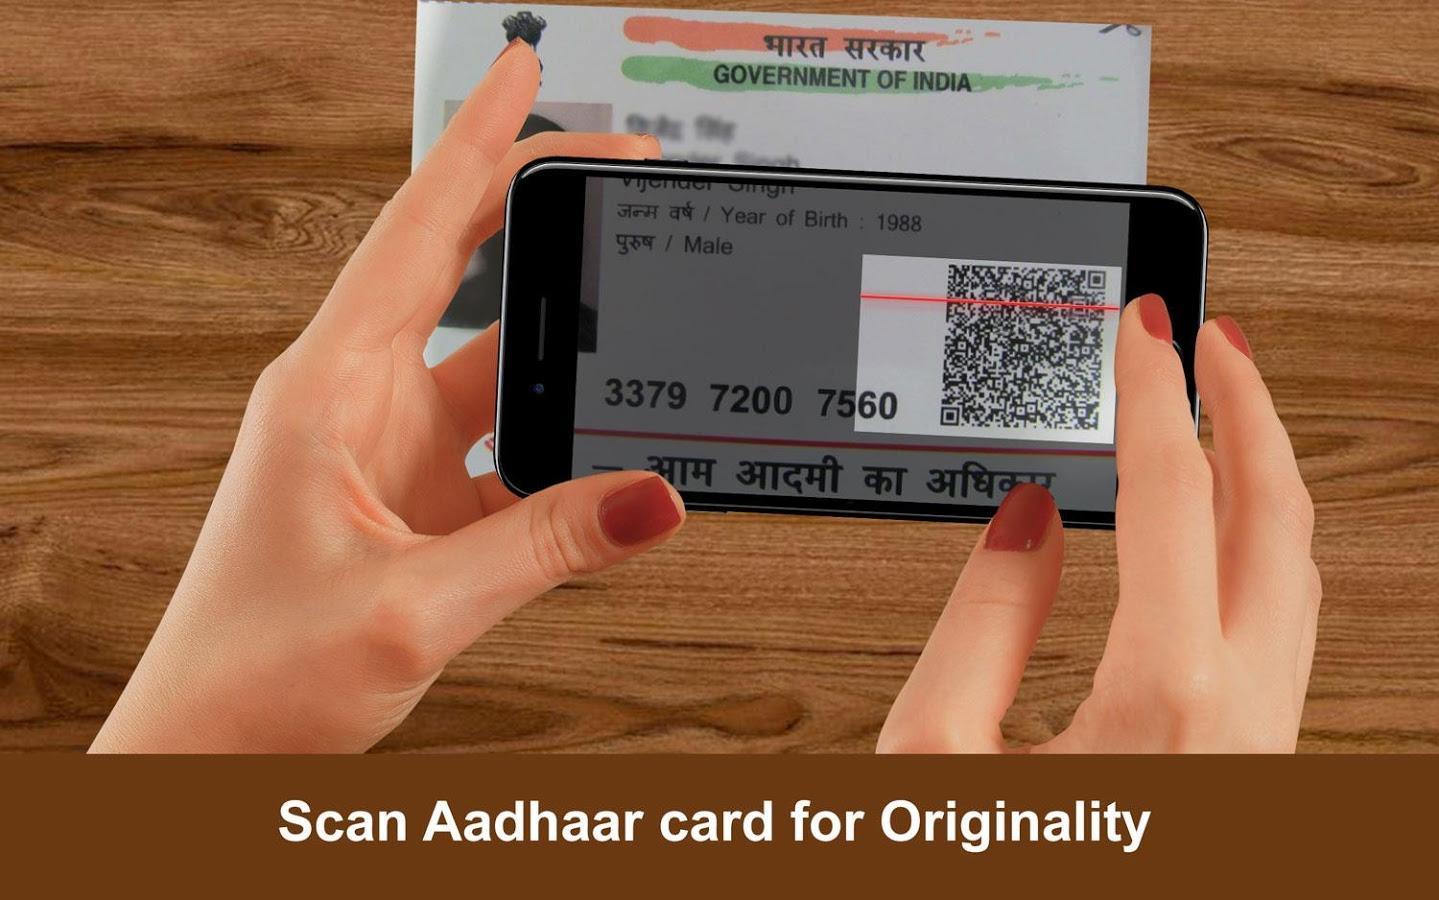 सध्याच्या आधार कार्ड UIDAI सर्वरसोबत काही लिंक करू शकत नाही. आधार कार्डच्या प्रिंटआऊटसोबत डिजिटल QR कोड जोडलं जाणार असल्यानं आधार कार्डचं महत्त्व वाढणार आहे. त्याचबरोबर बँकेसोबतच पासपोर्ट ऑफिसला देखील याचा प्रचंड फायदा होणार आहे.